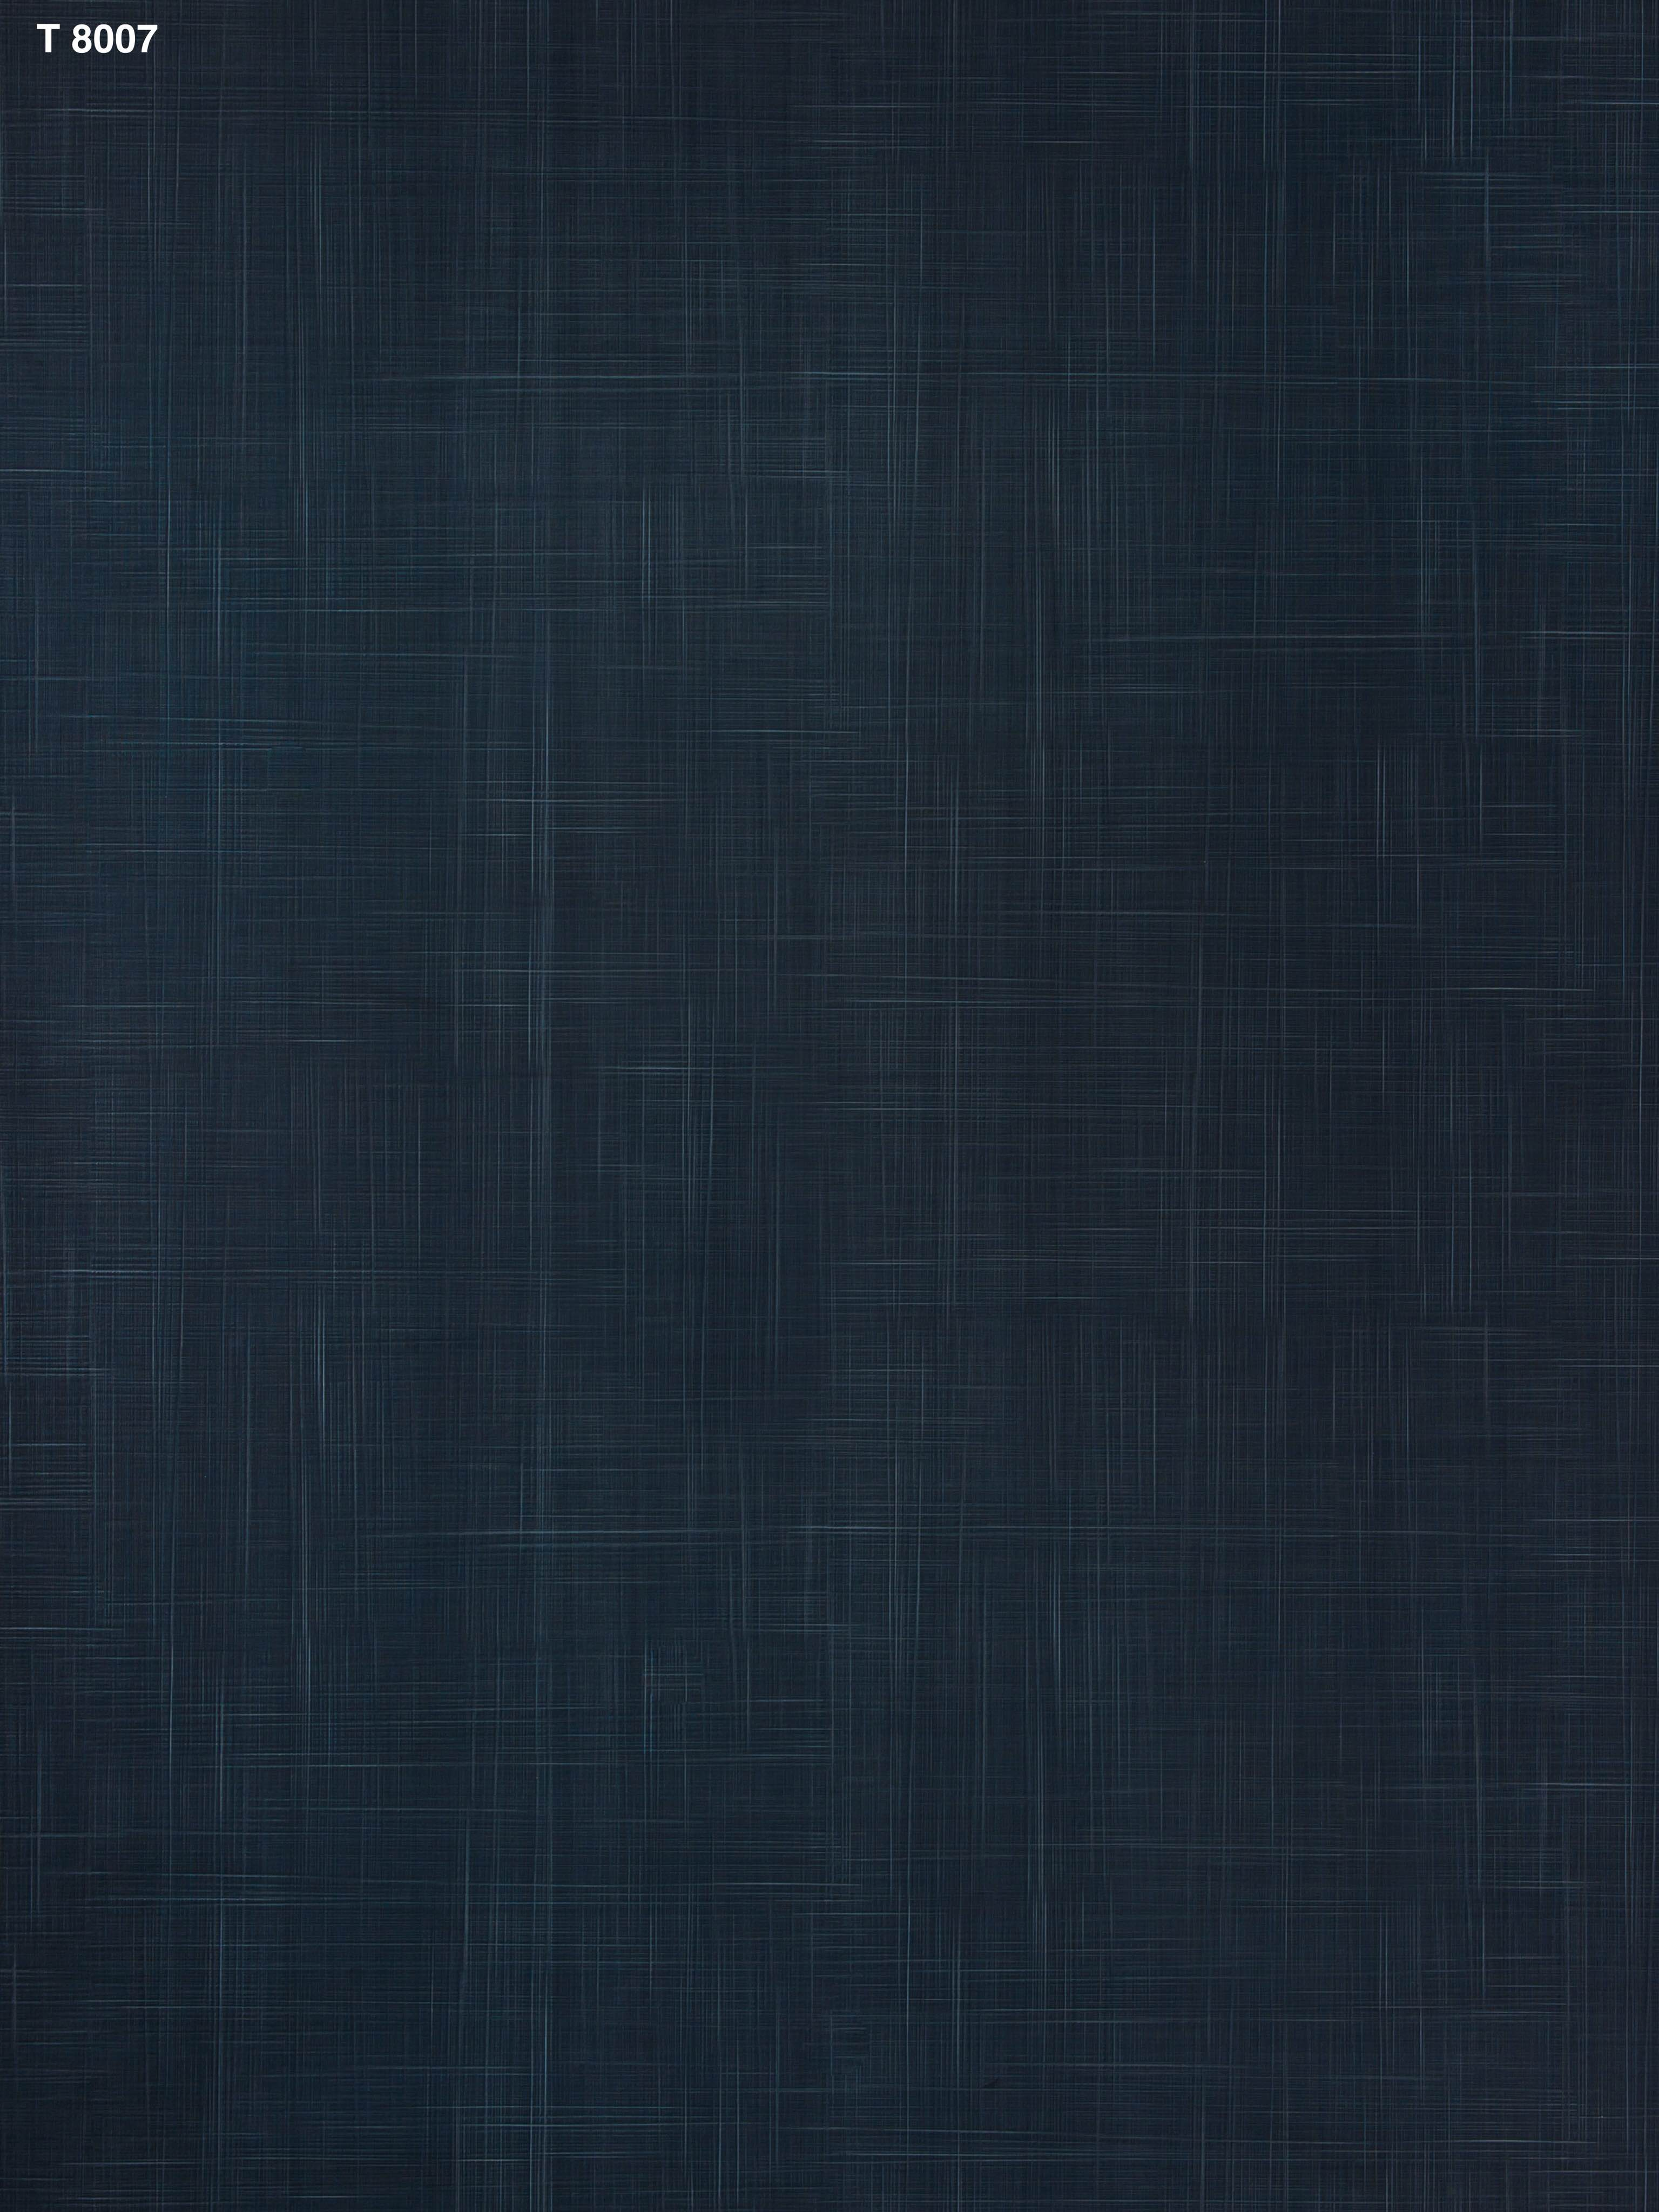 T8007 Graphite Linen